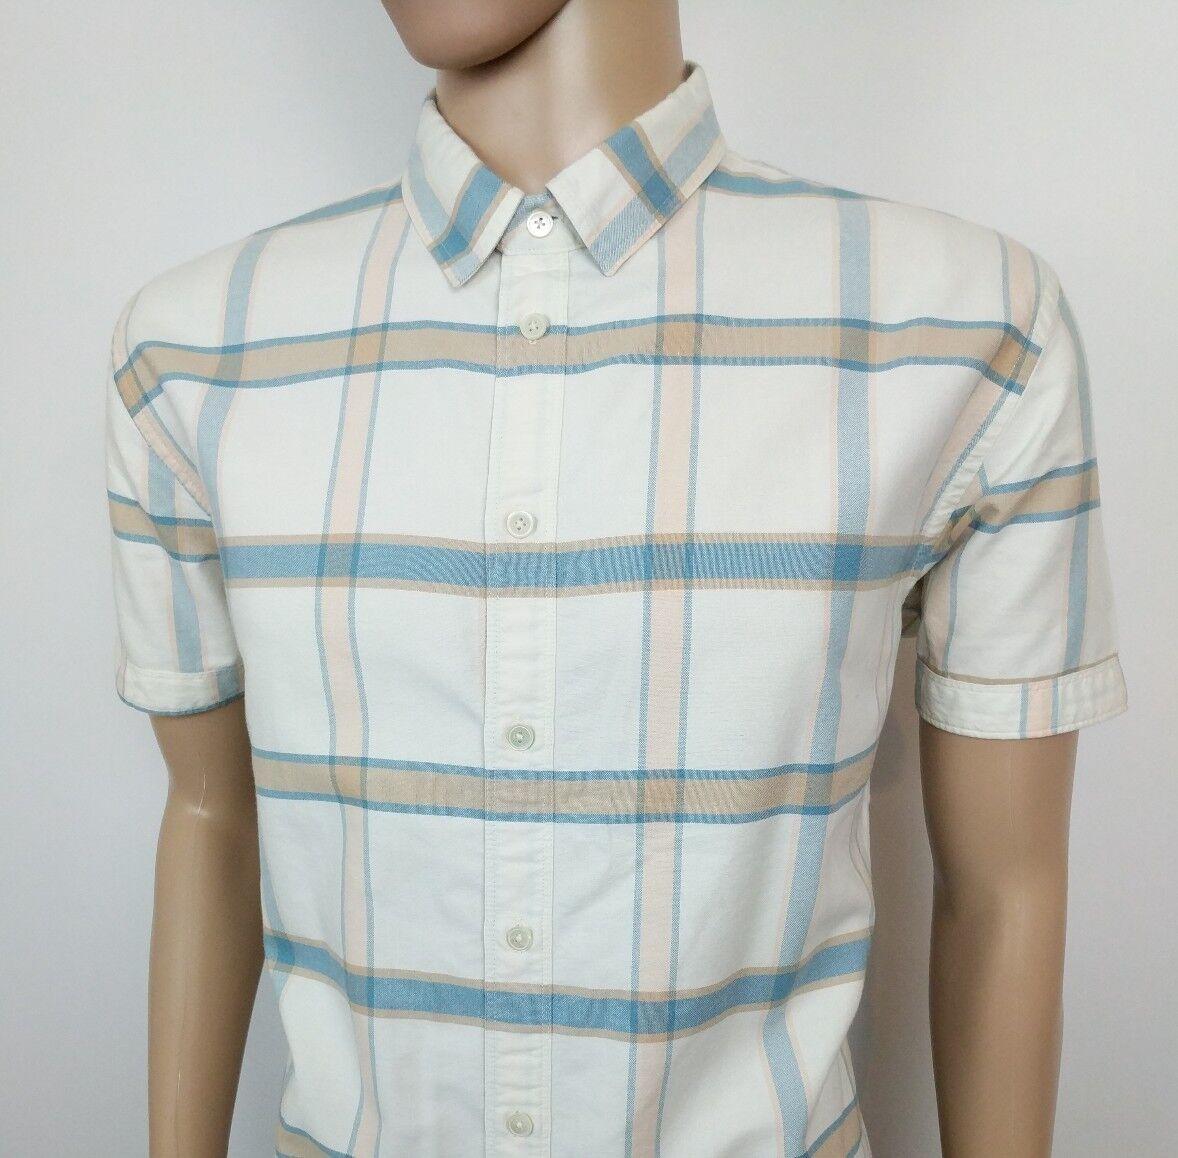 Paul Smith Da Uomo Camicia Tailored Fit Check Bianco Taglia XXL PSJ circonferenza petto 46 NUOVO